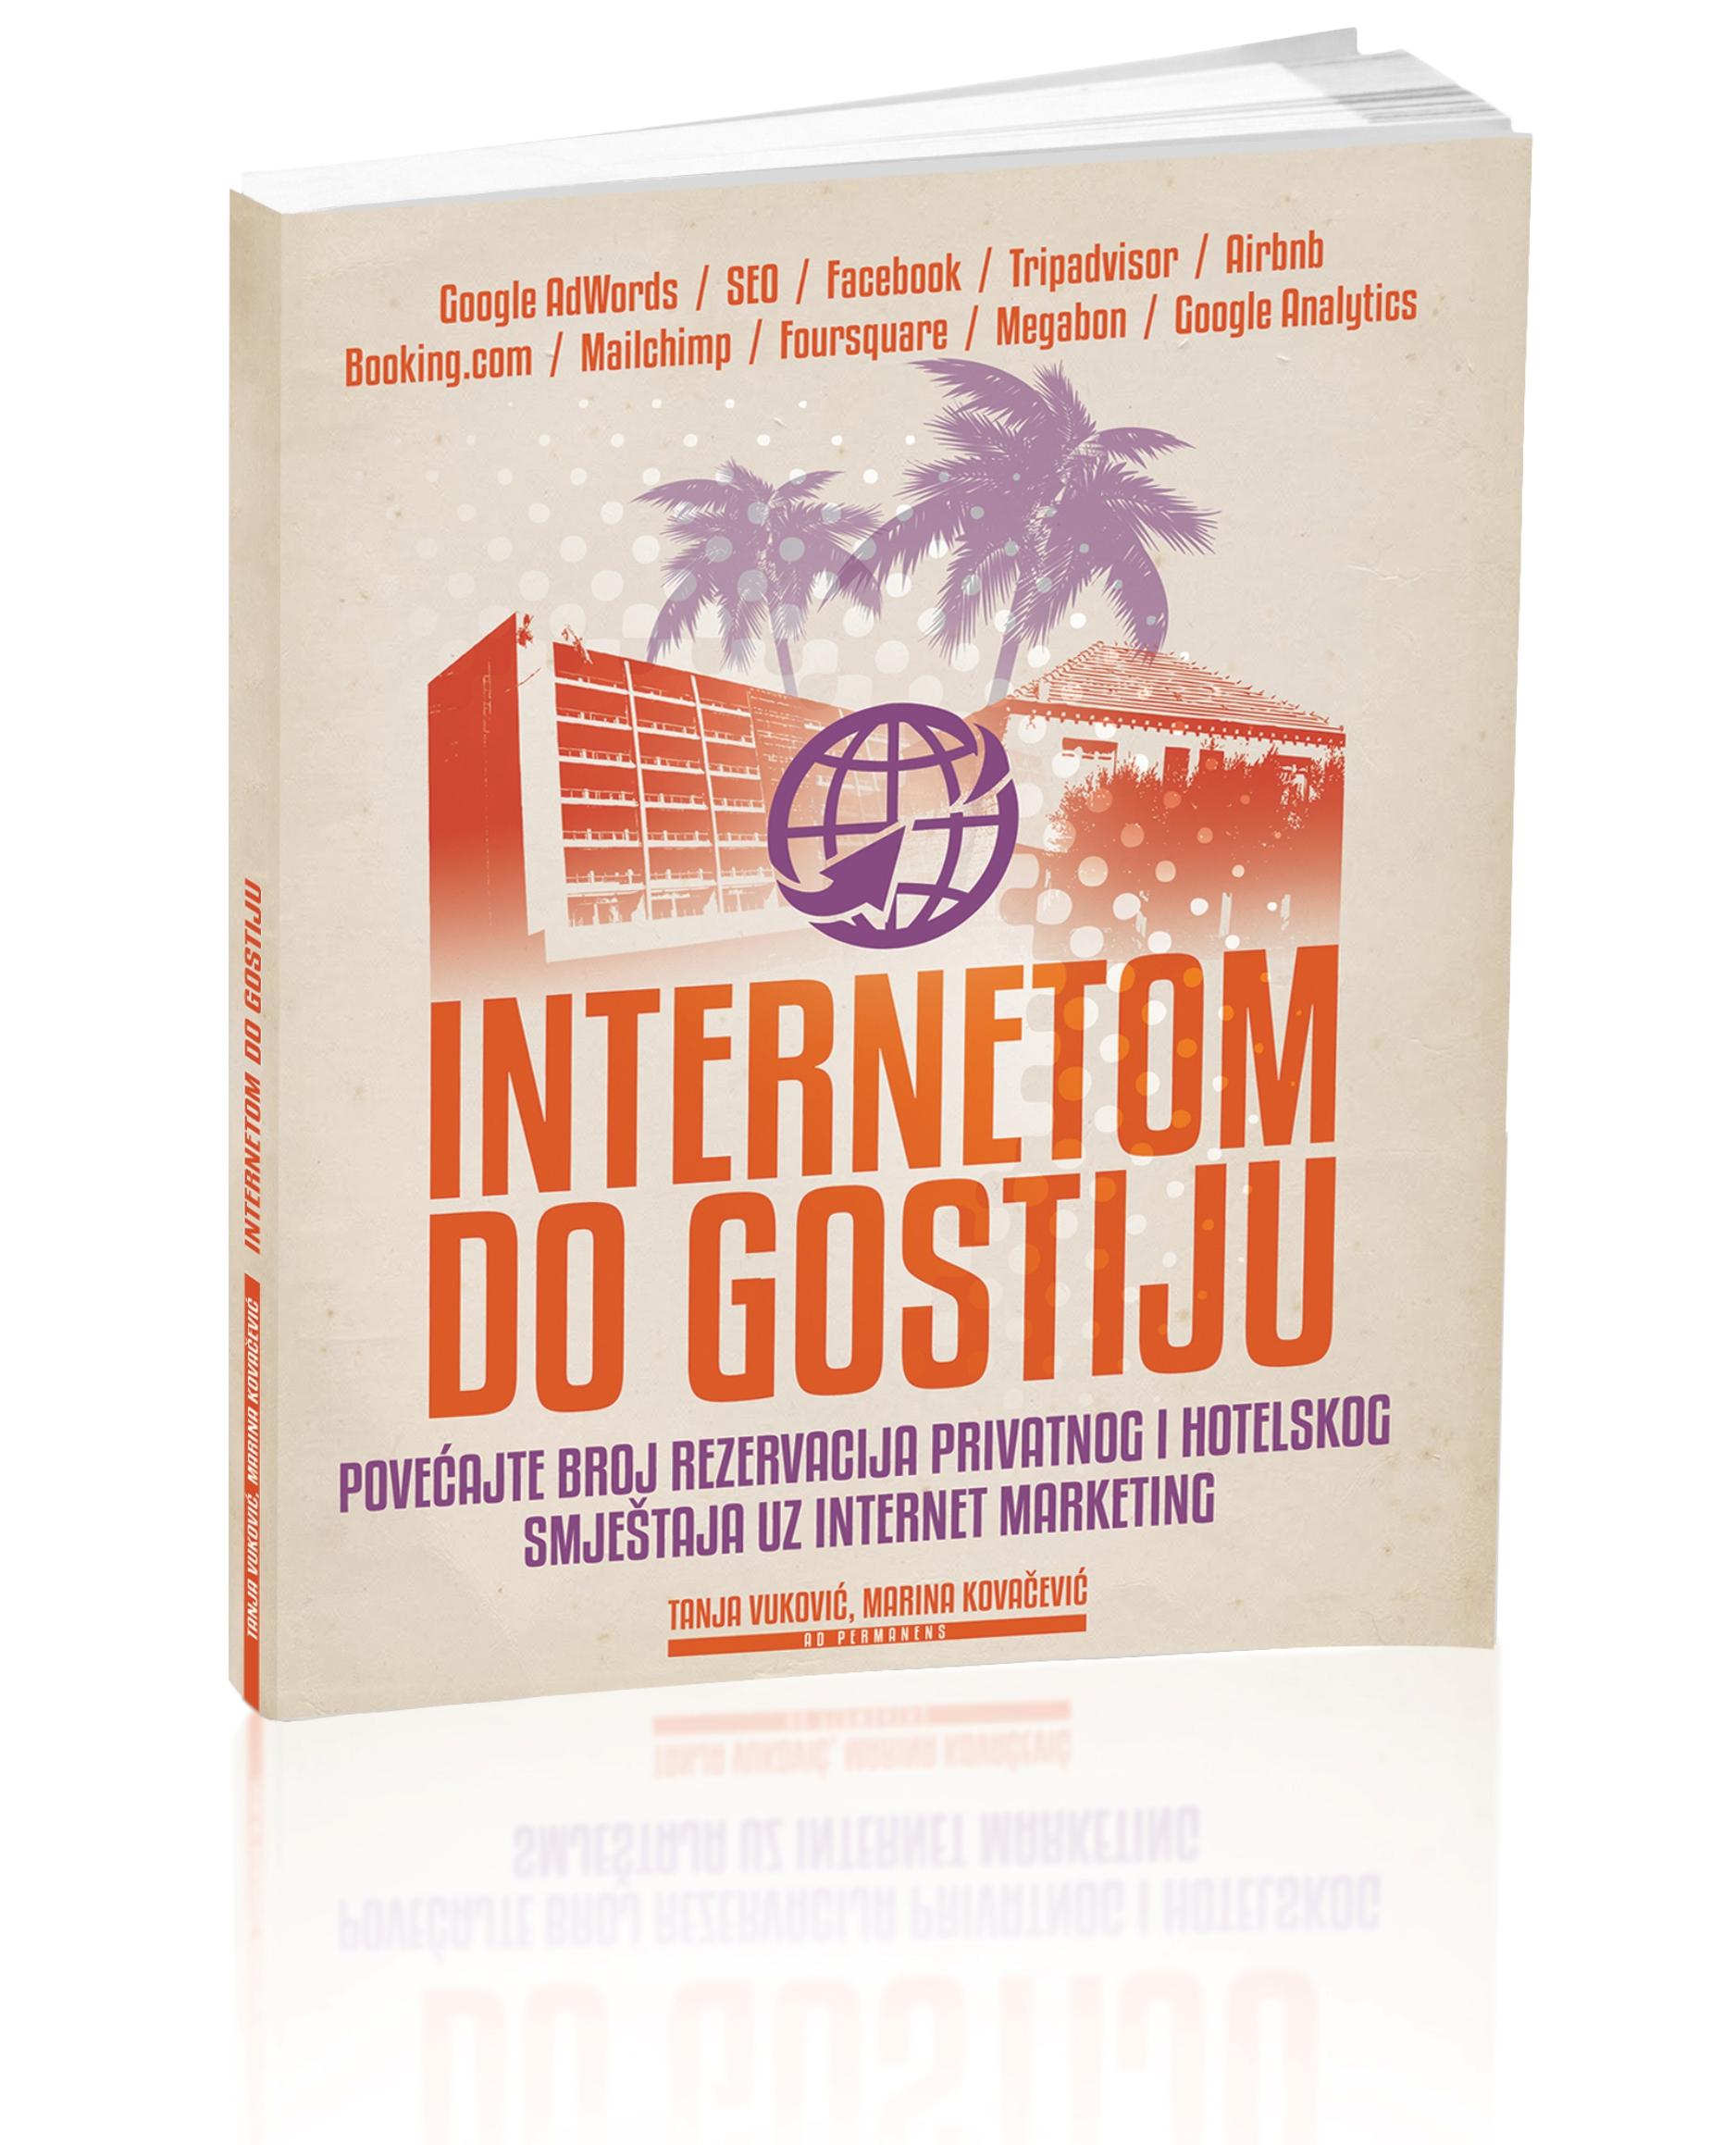 INTERNETOM DO GOSTIJU - Naruči svoju knjigu